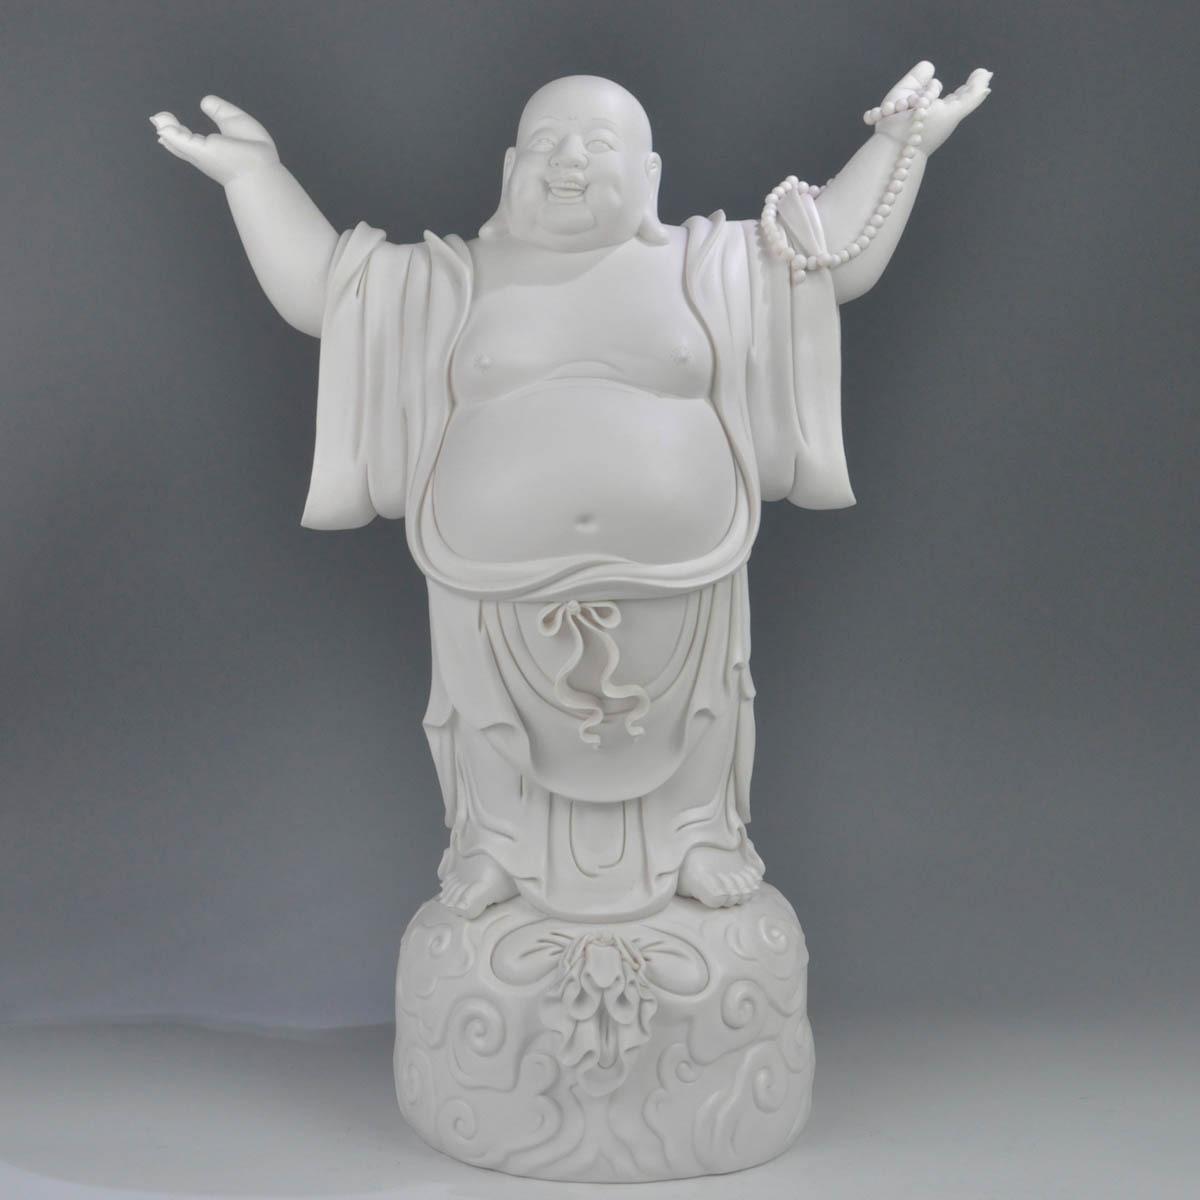 大肚容_10寸大肚容天下弥勒佛纳福陶瓷佛像乔迁家居